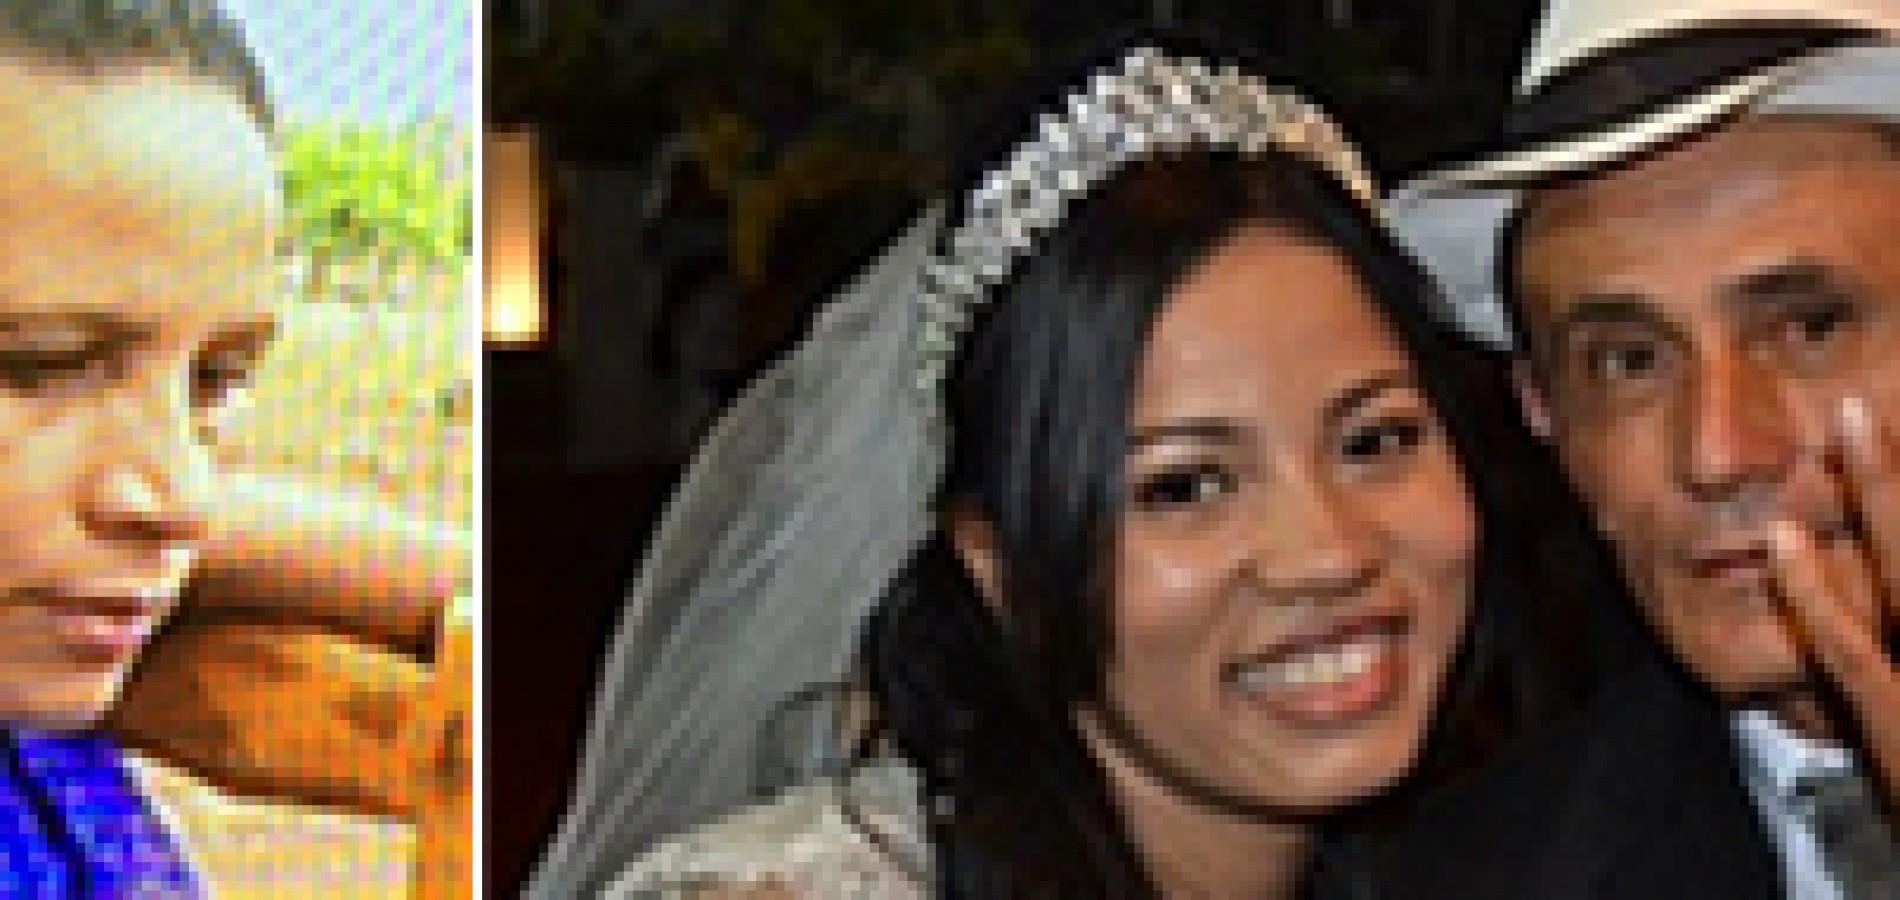 Cantora Stefhany estaria sob cárcere e marido teria ameaçado sogra, segundo denúncia